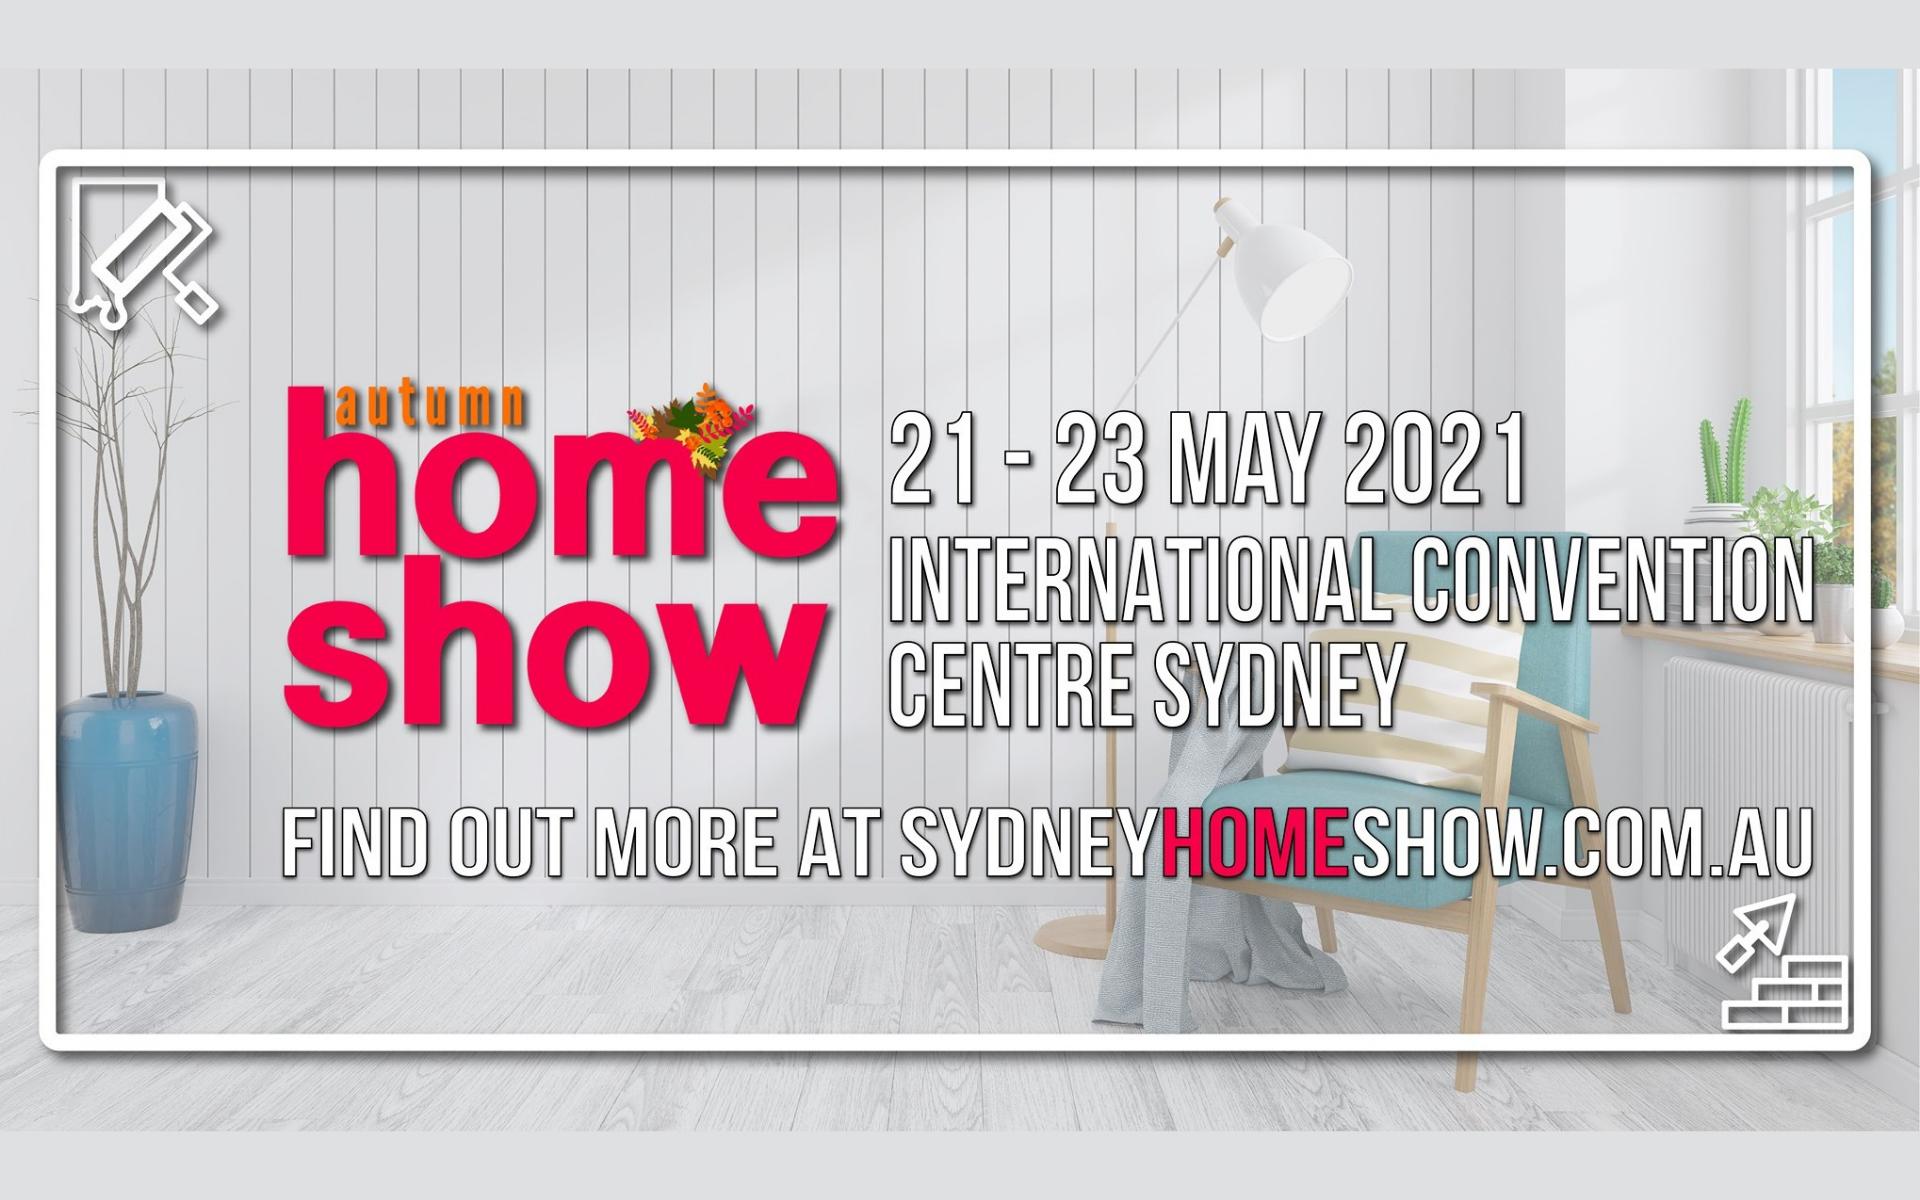 Sydney Home Show 2021